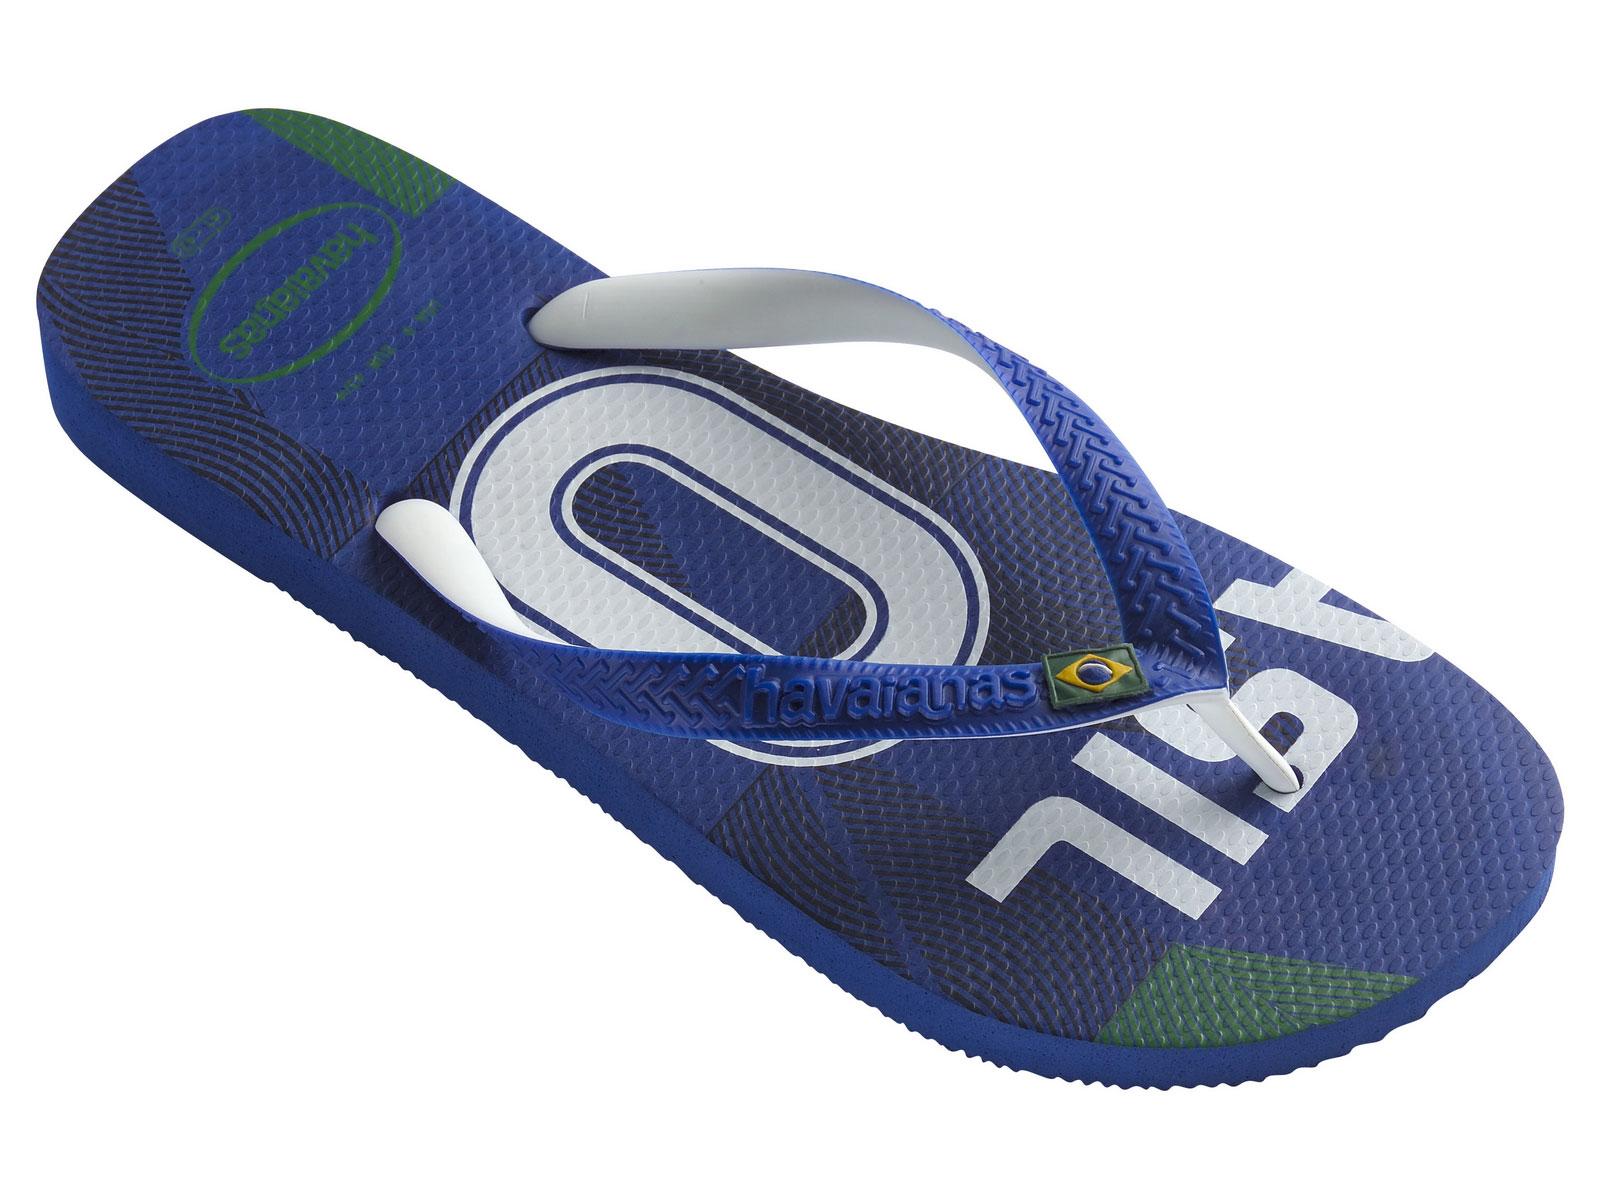 Flip-flops - Teams Ii Marine Blue